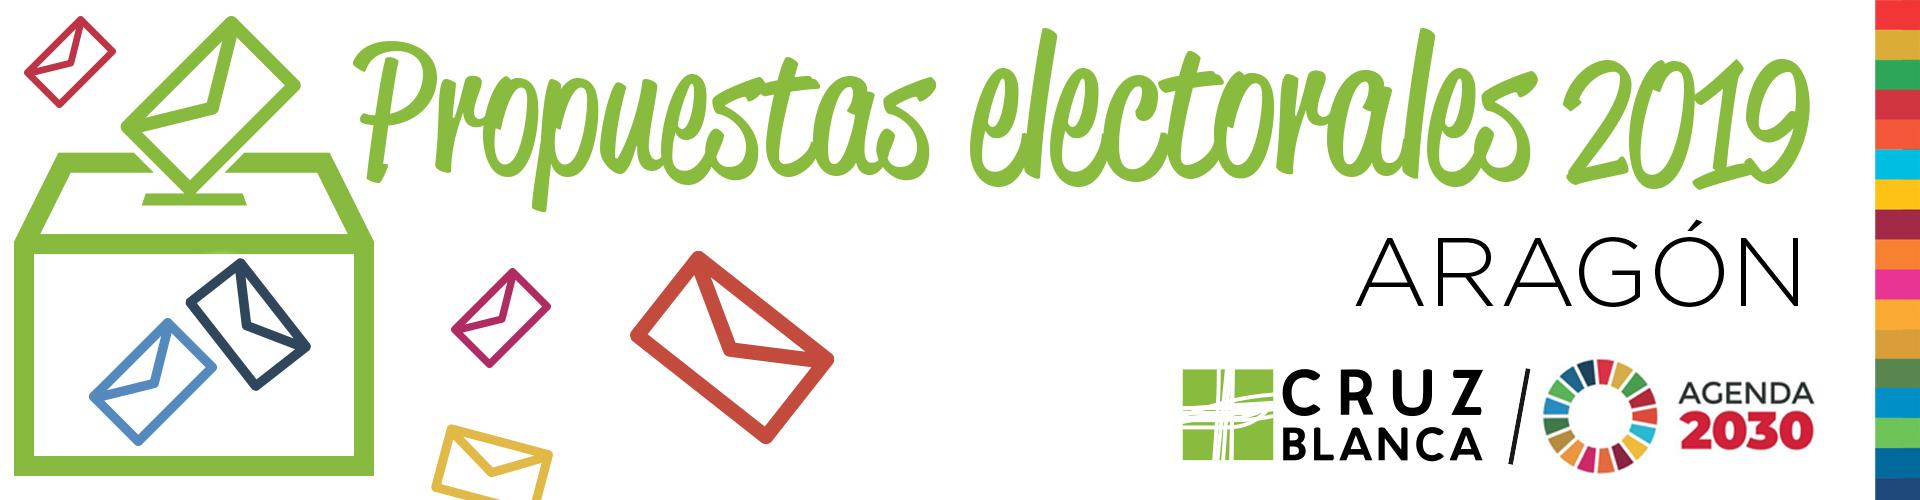 Propuestas-electorales